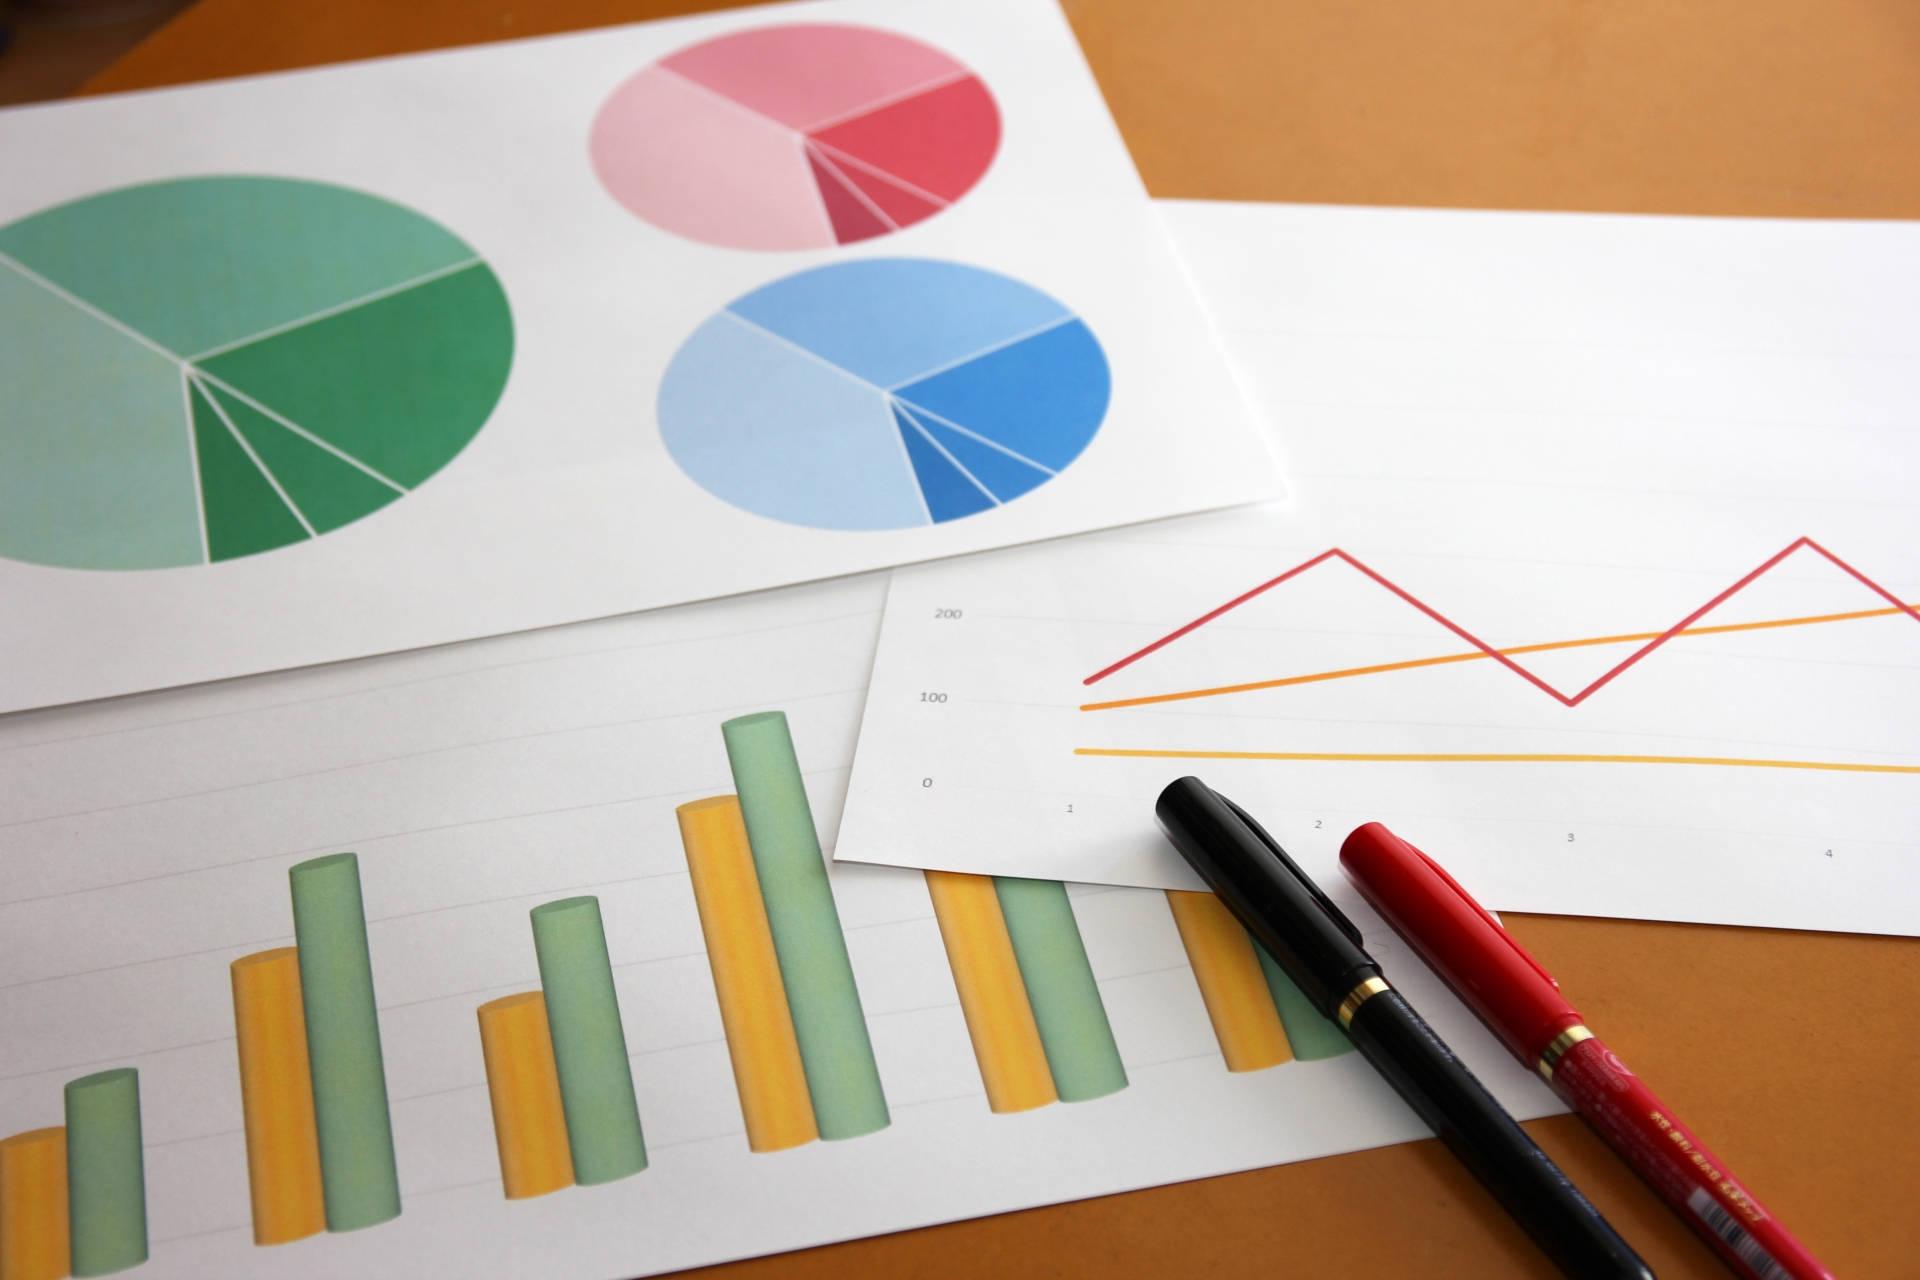 営業の売上予測計算方法:売上予測レポート2つの作り方 | Senses Lab. | アイキャッチ画像